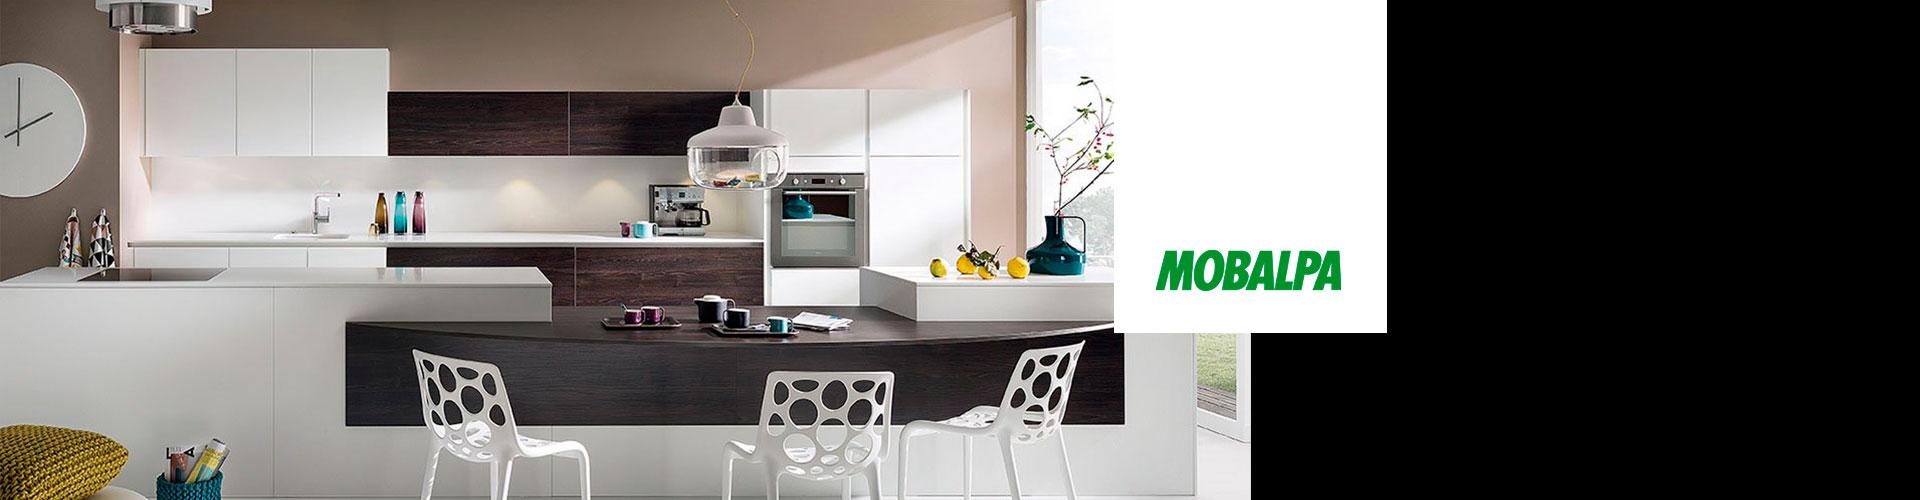 mobalpa kjøkken banner